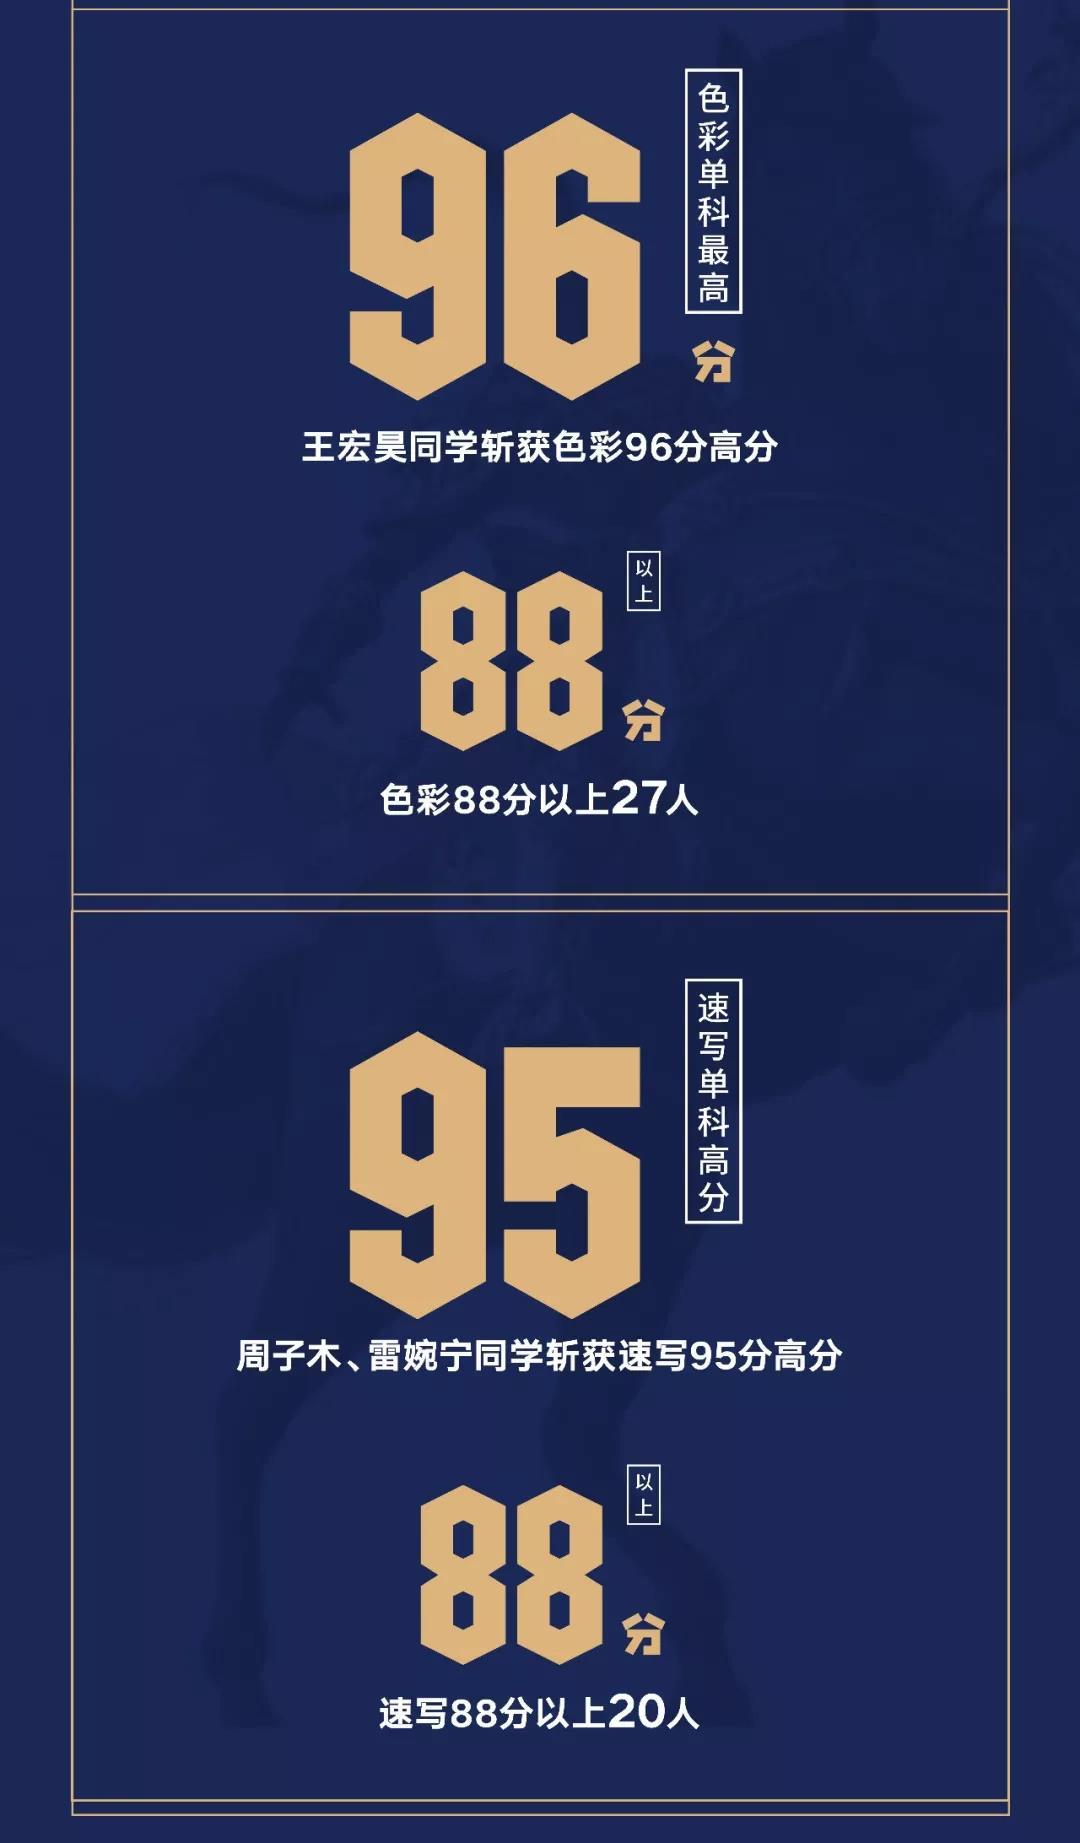 浙江省联考捷报2